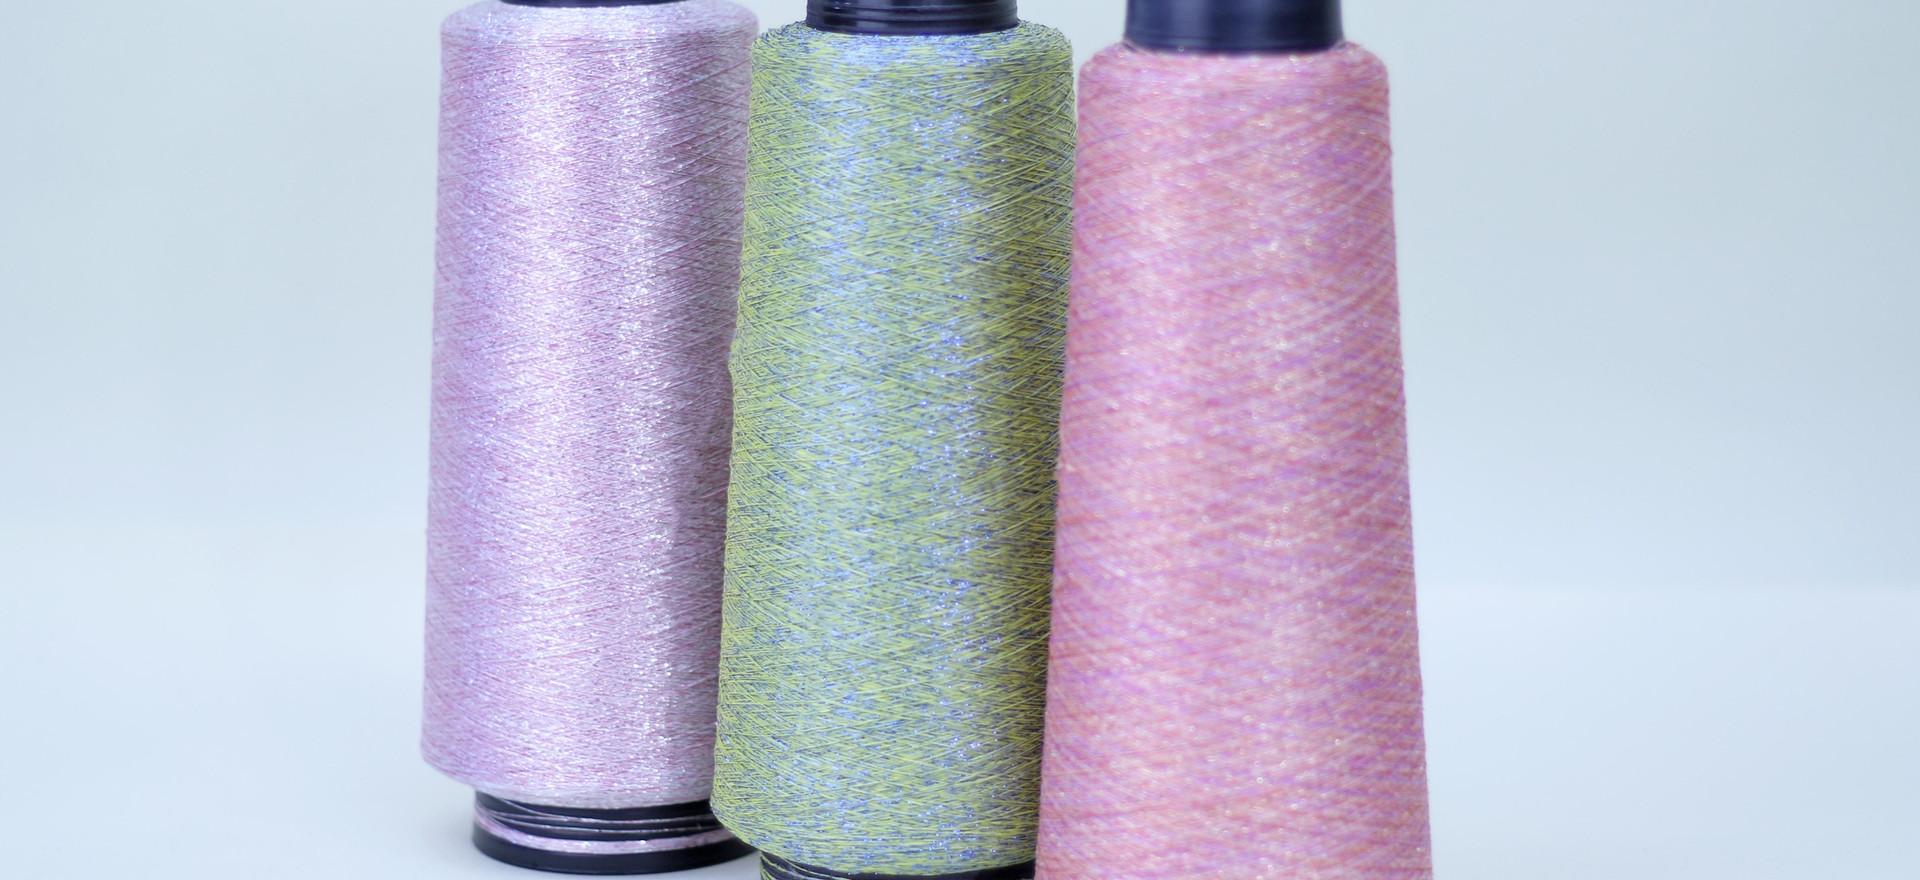 Fotografia Produto Indústria Têxtil